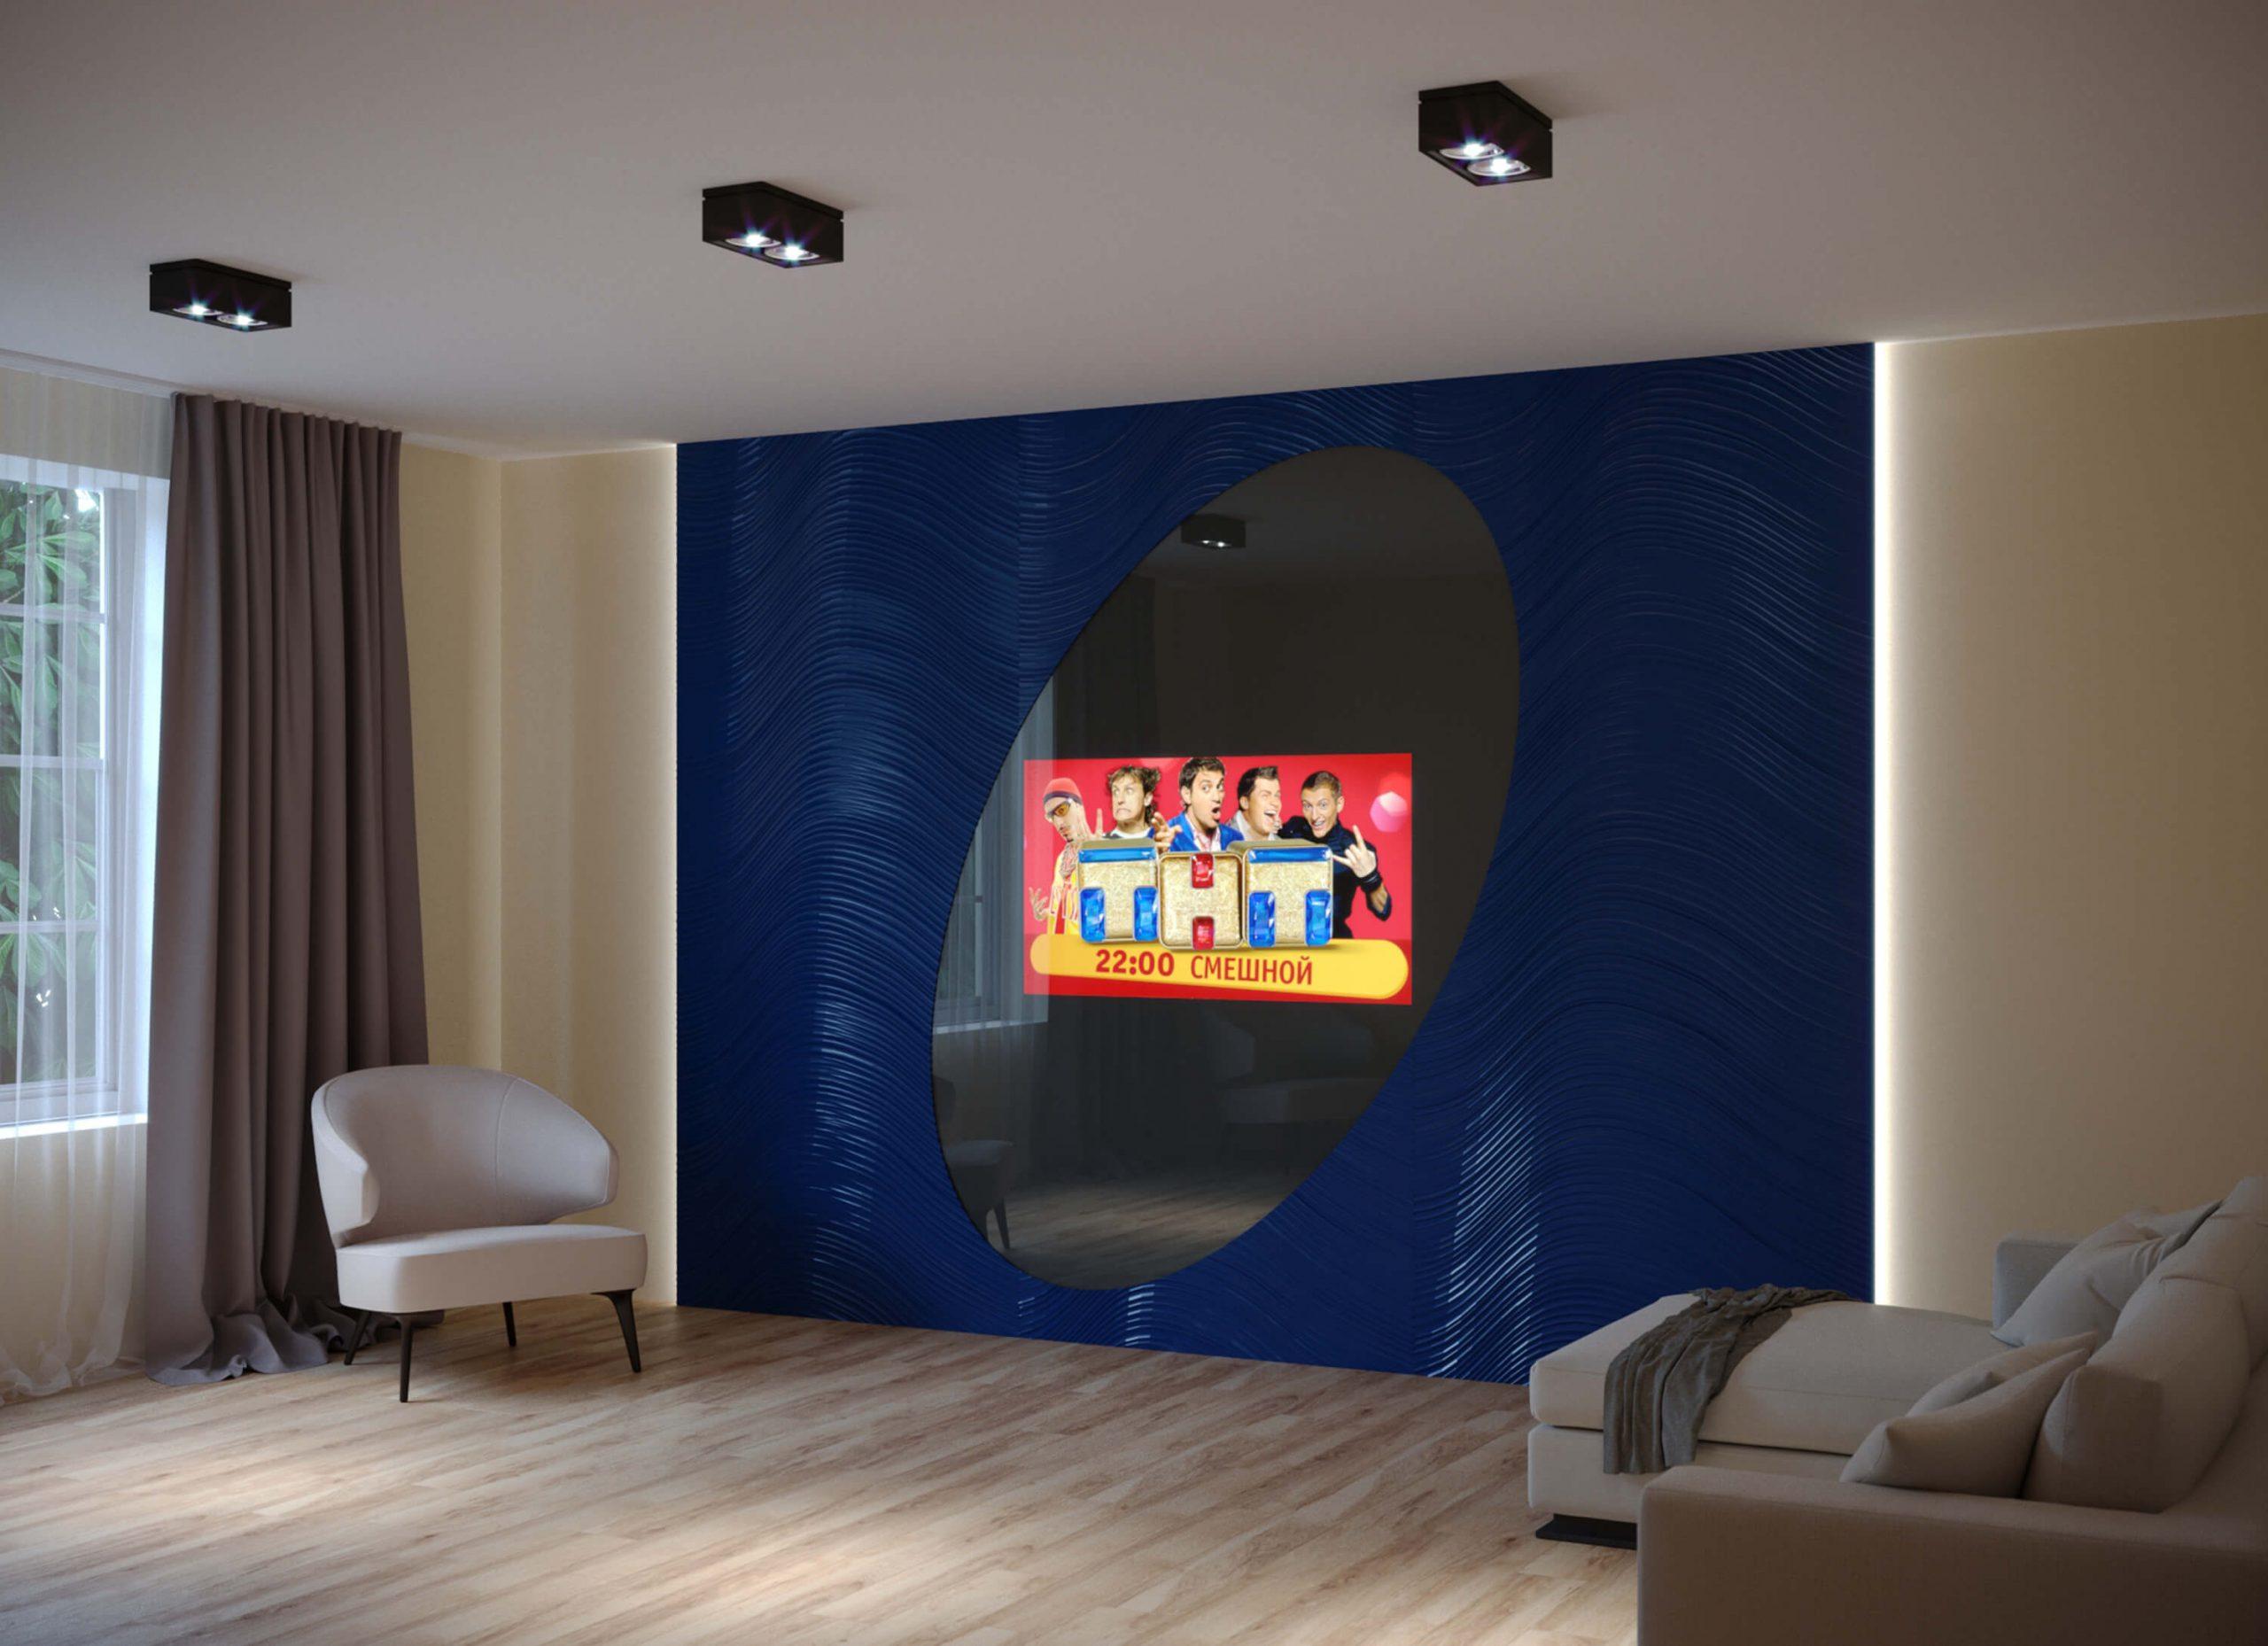 Дизайнерский встроенный телевизор Tele-Art с панелями Leto 4